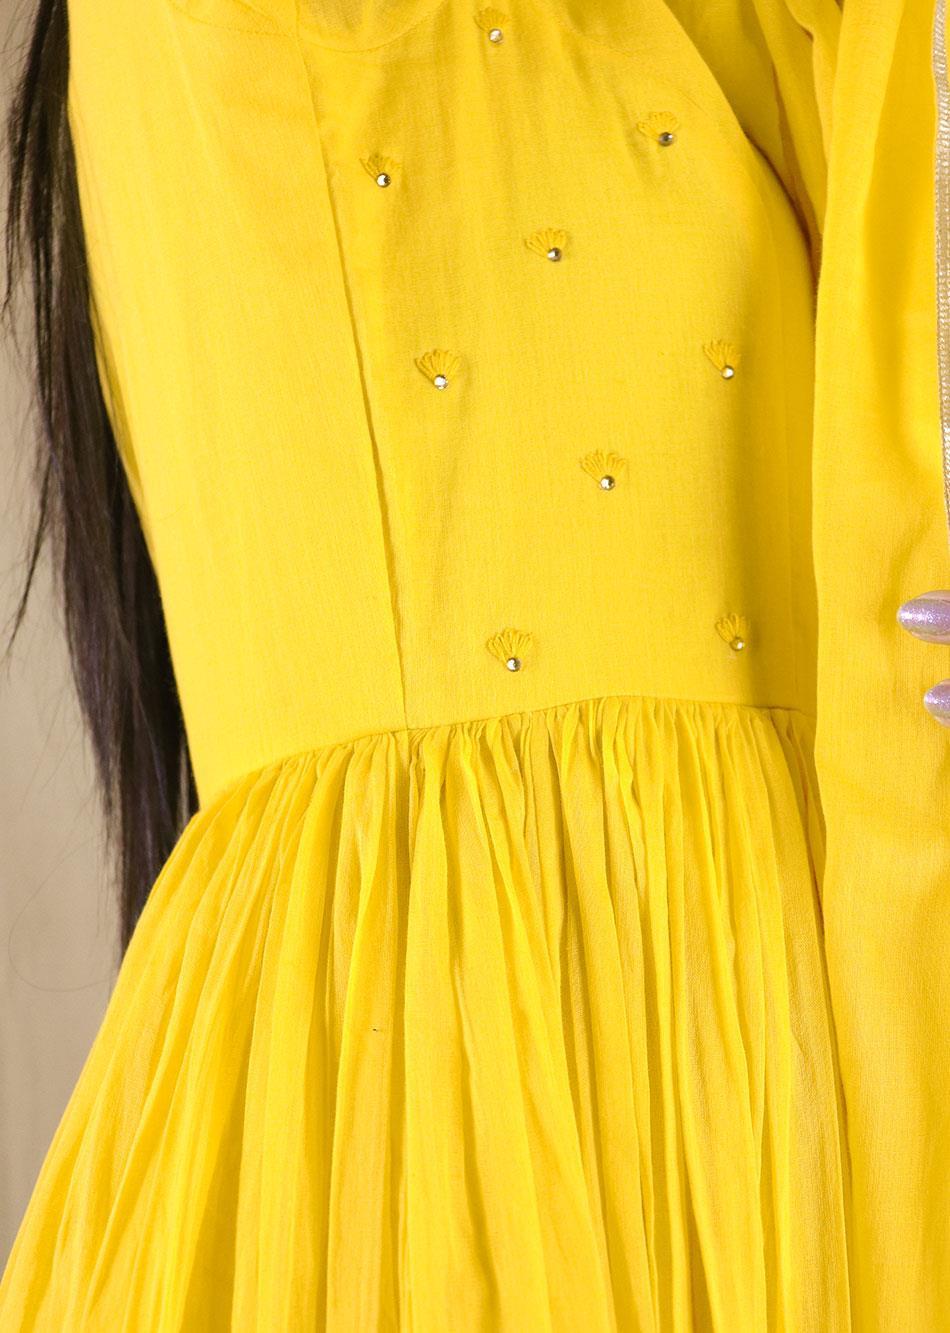 SUNHERA KURTA (ONLY KURTA) By Jovi Fashion